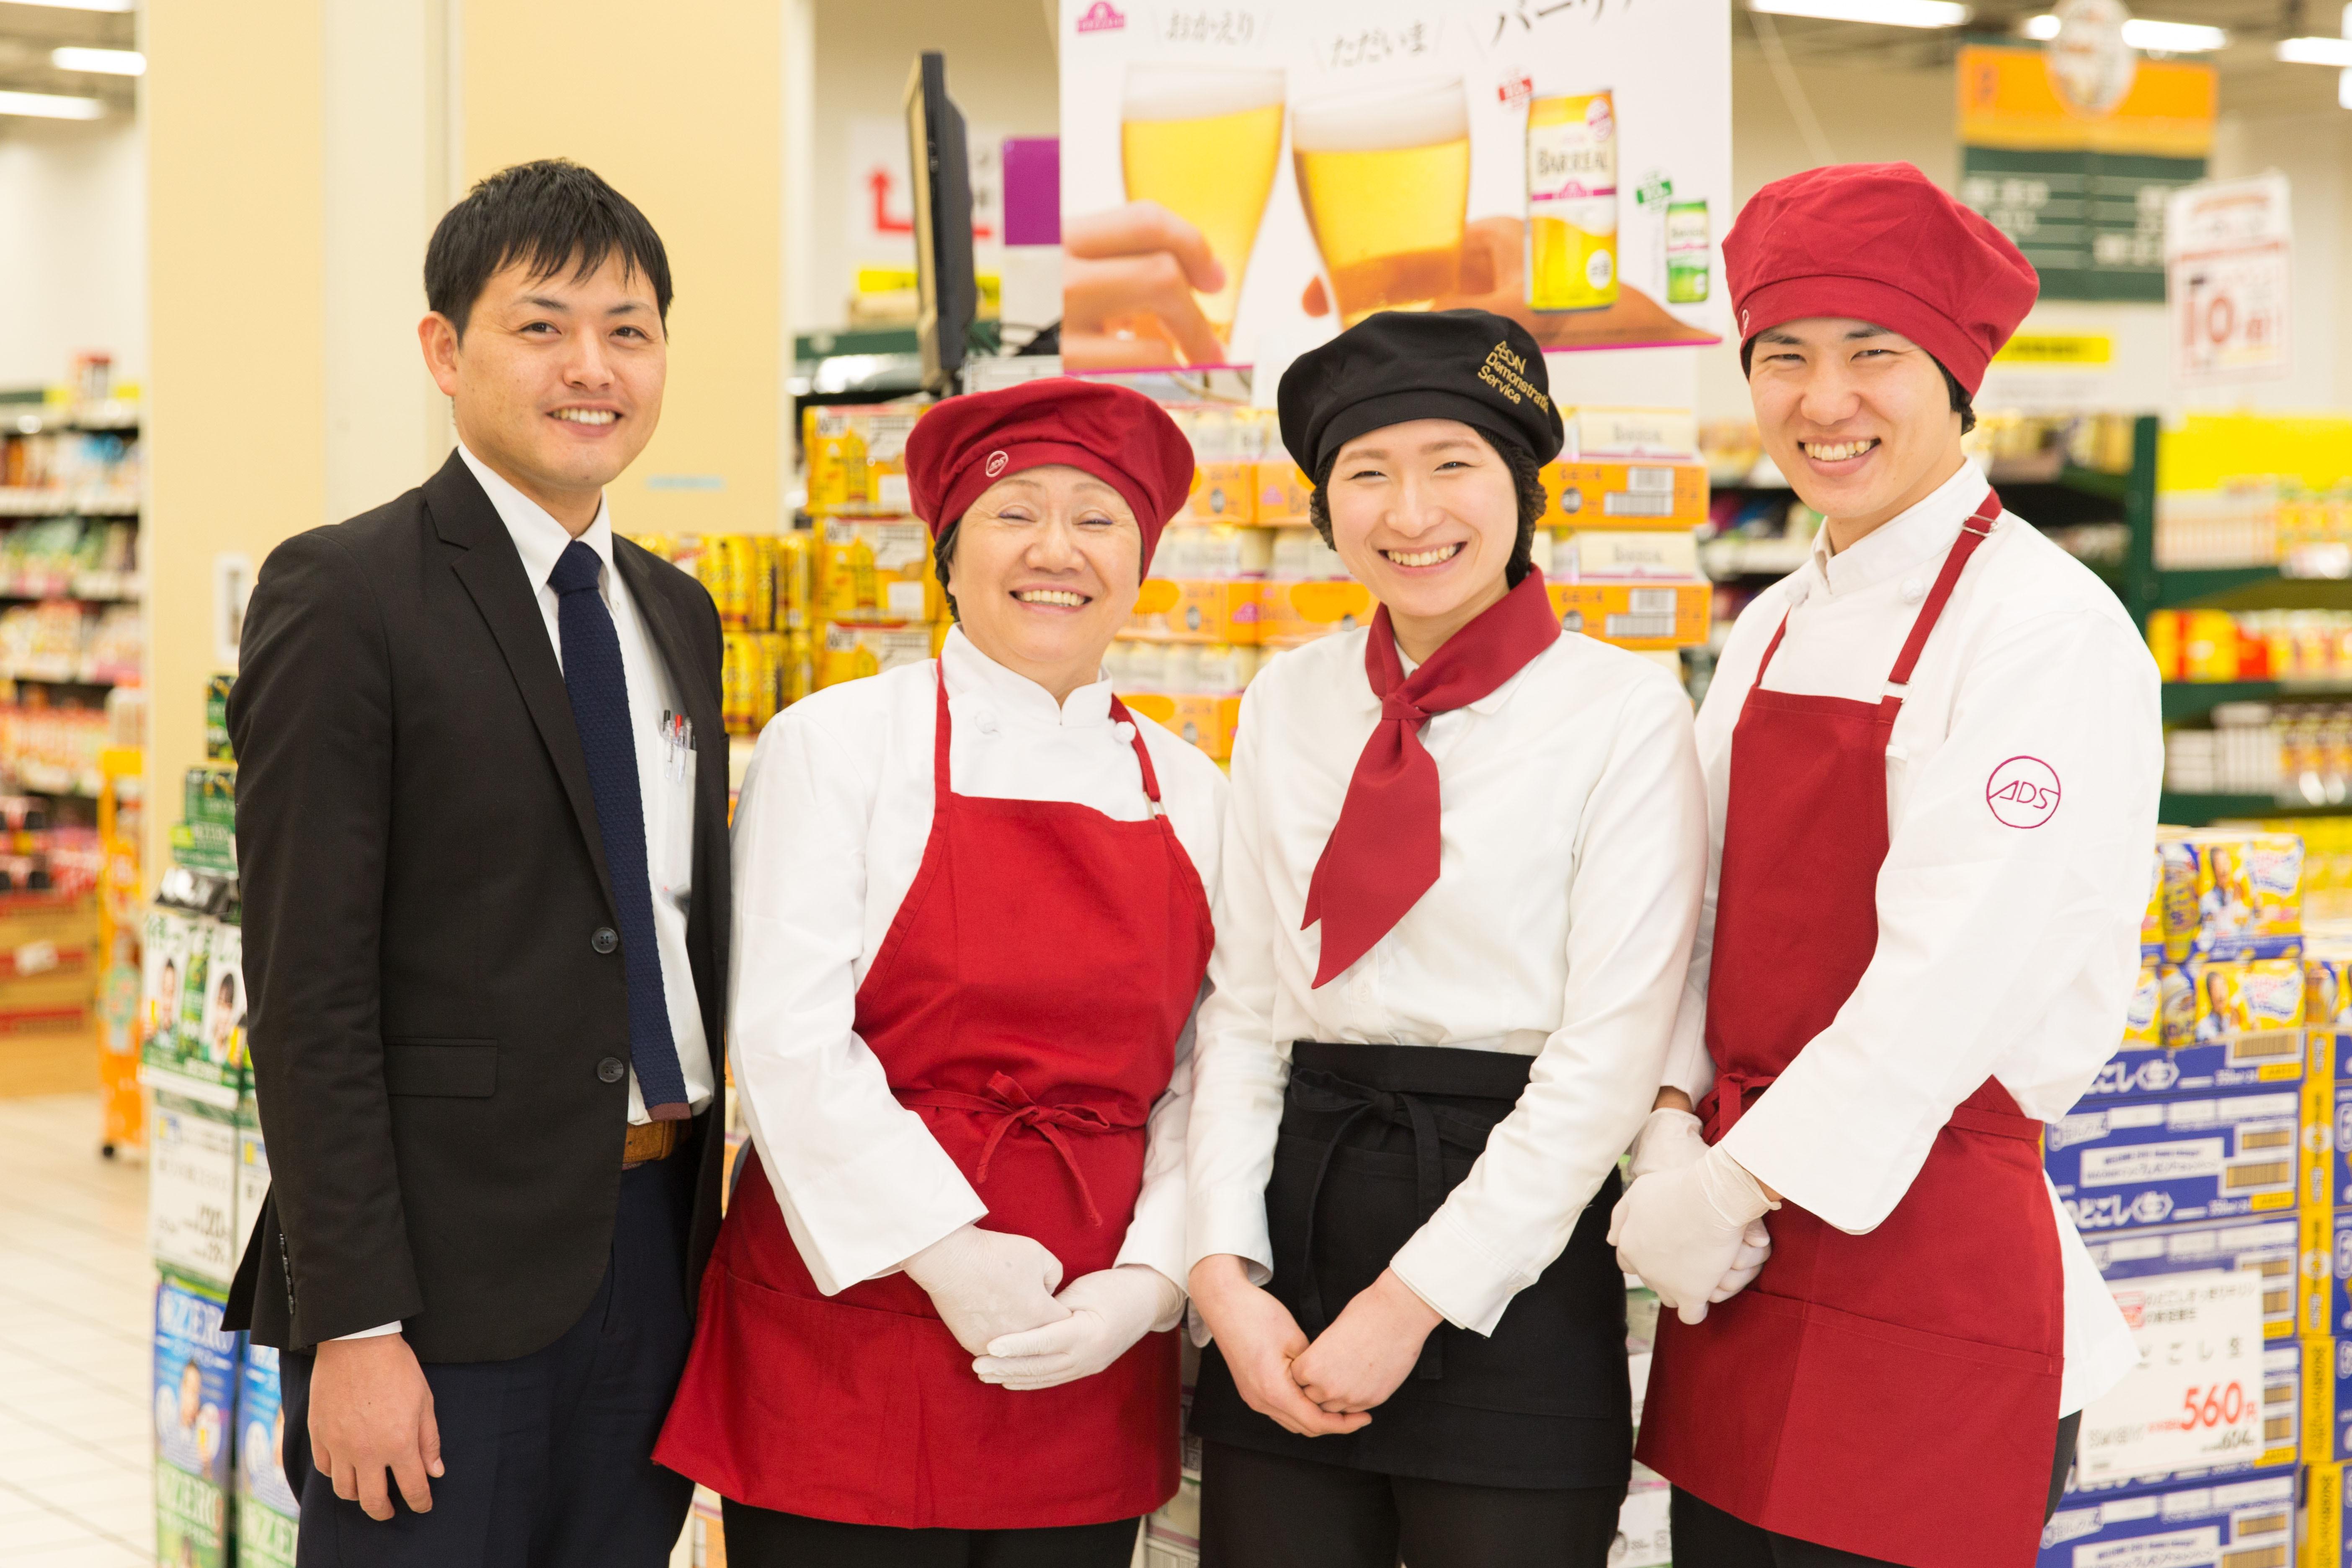 イオン みぶ店 のアルバイト情報